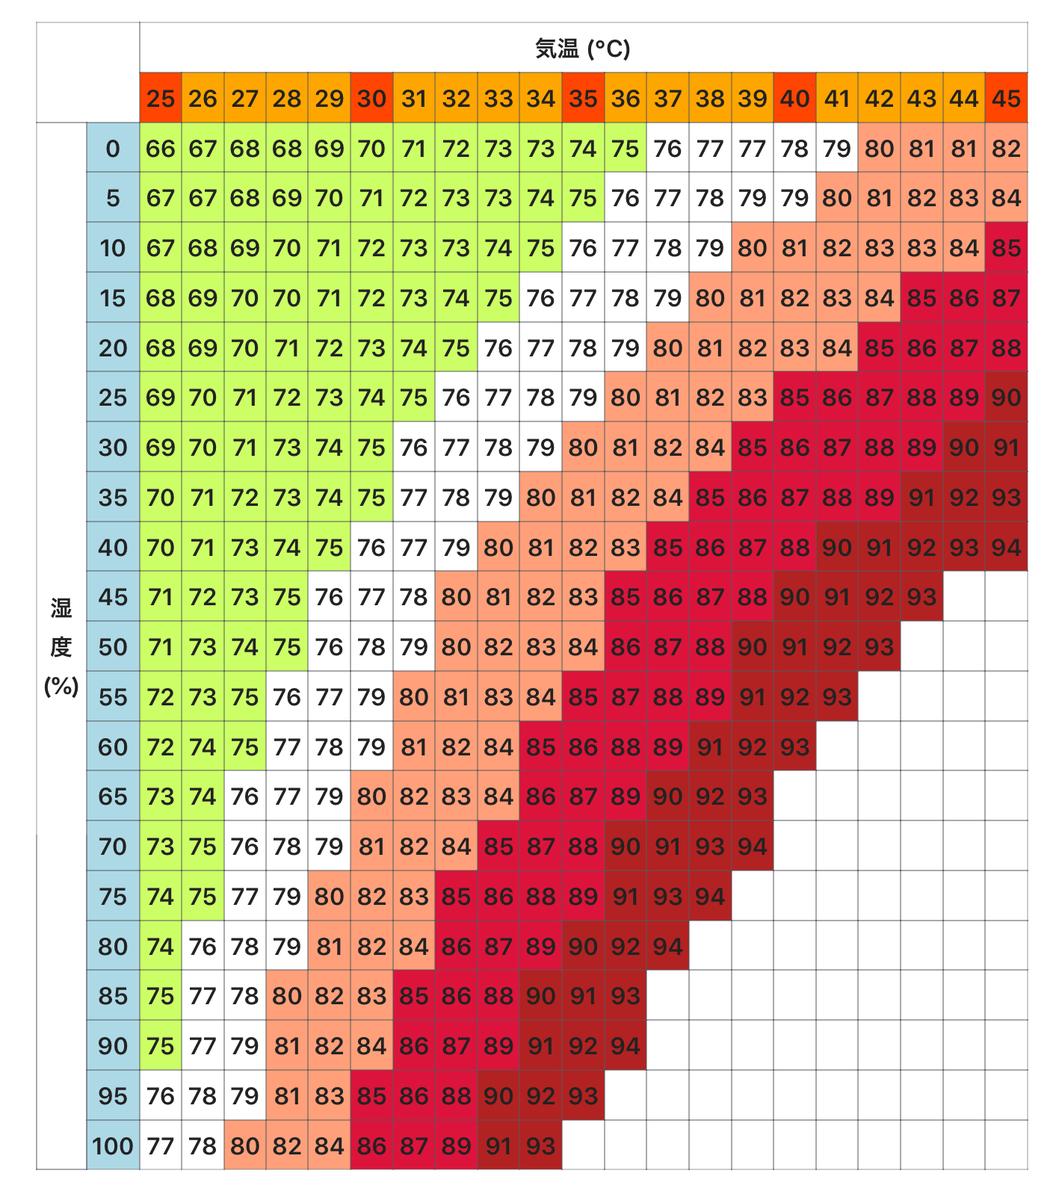 ウィキペディア不快指数 気温と湿度のグラフ